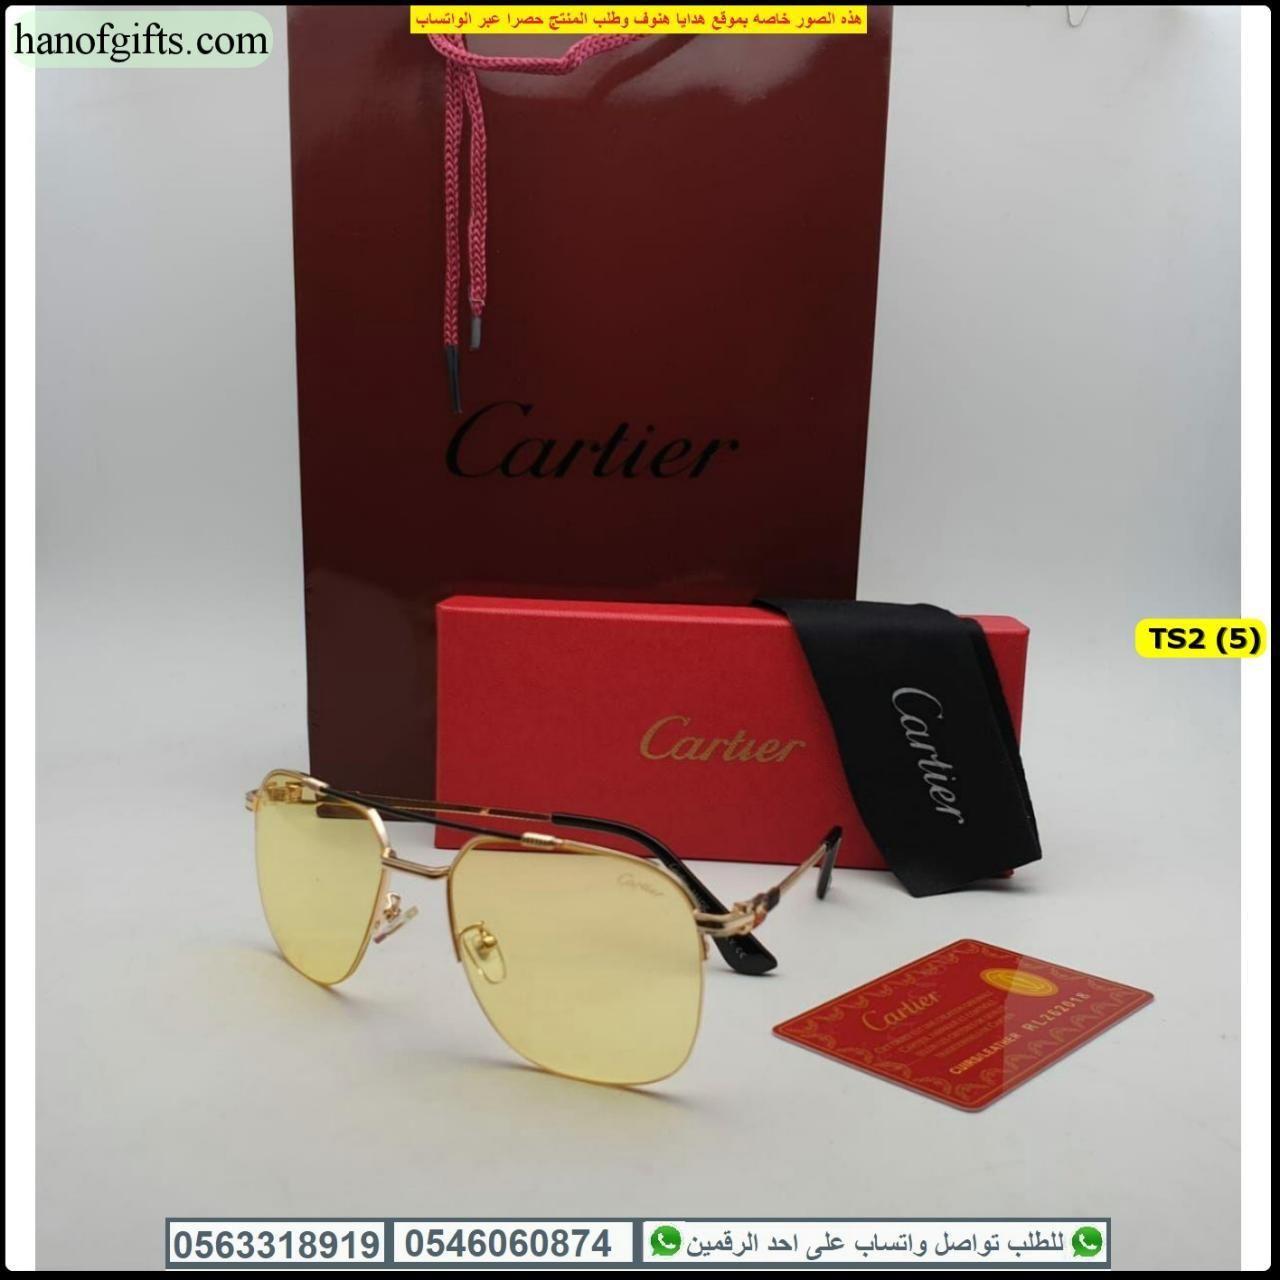 نظارات كارتير رجالي الرياض جودة عالية مع ملحقات الماركه هدايا هنوف Cat Eye Sunglasses Eye Sunglasses Square Sunglass